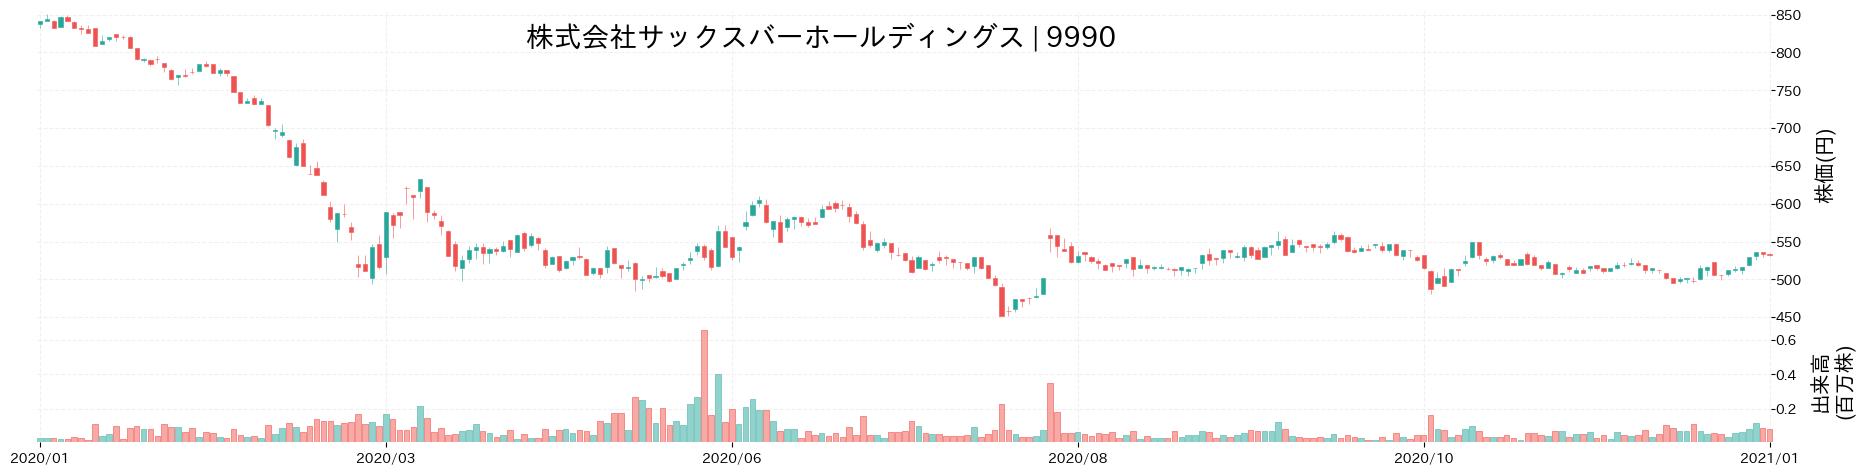 株式会社サックスバー ホールディングスの株価推移(2020)